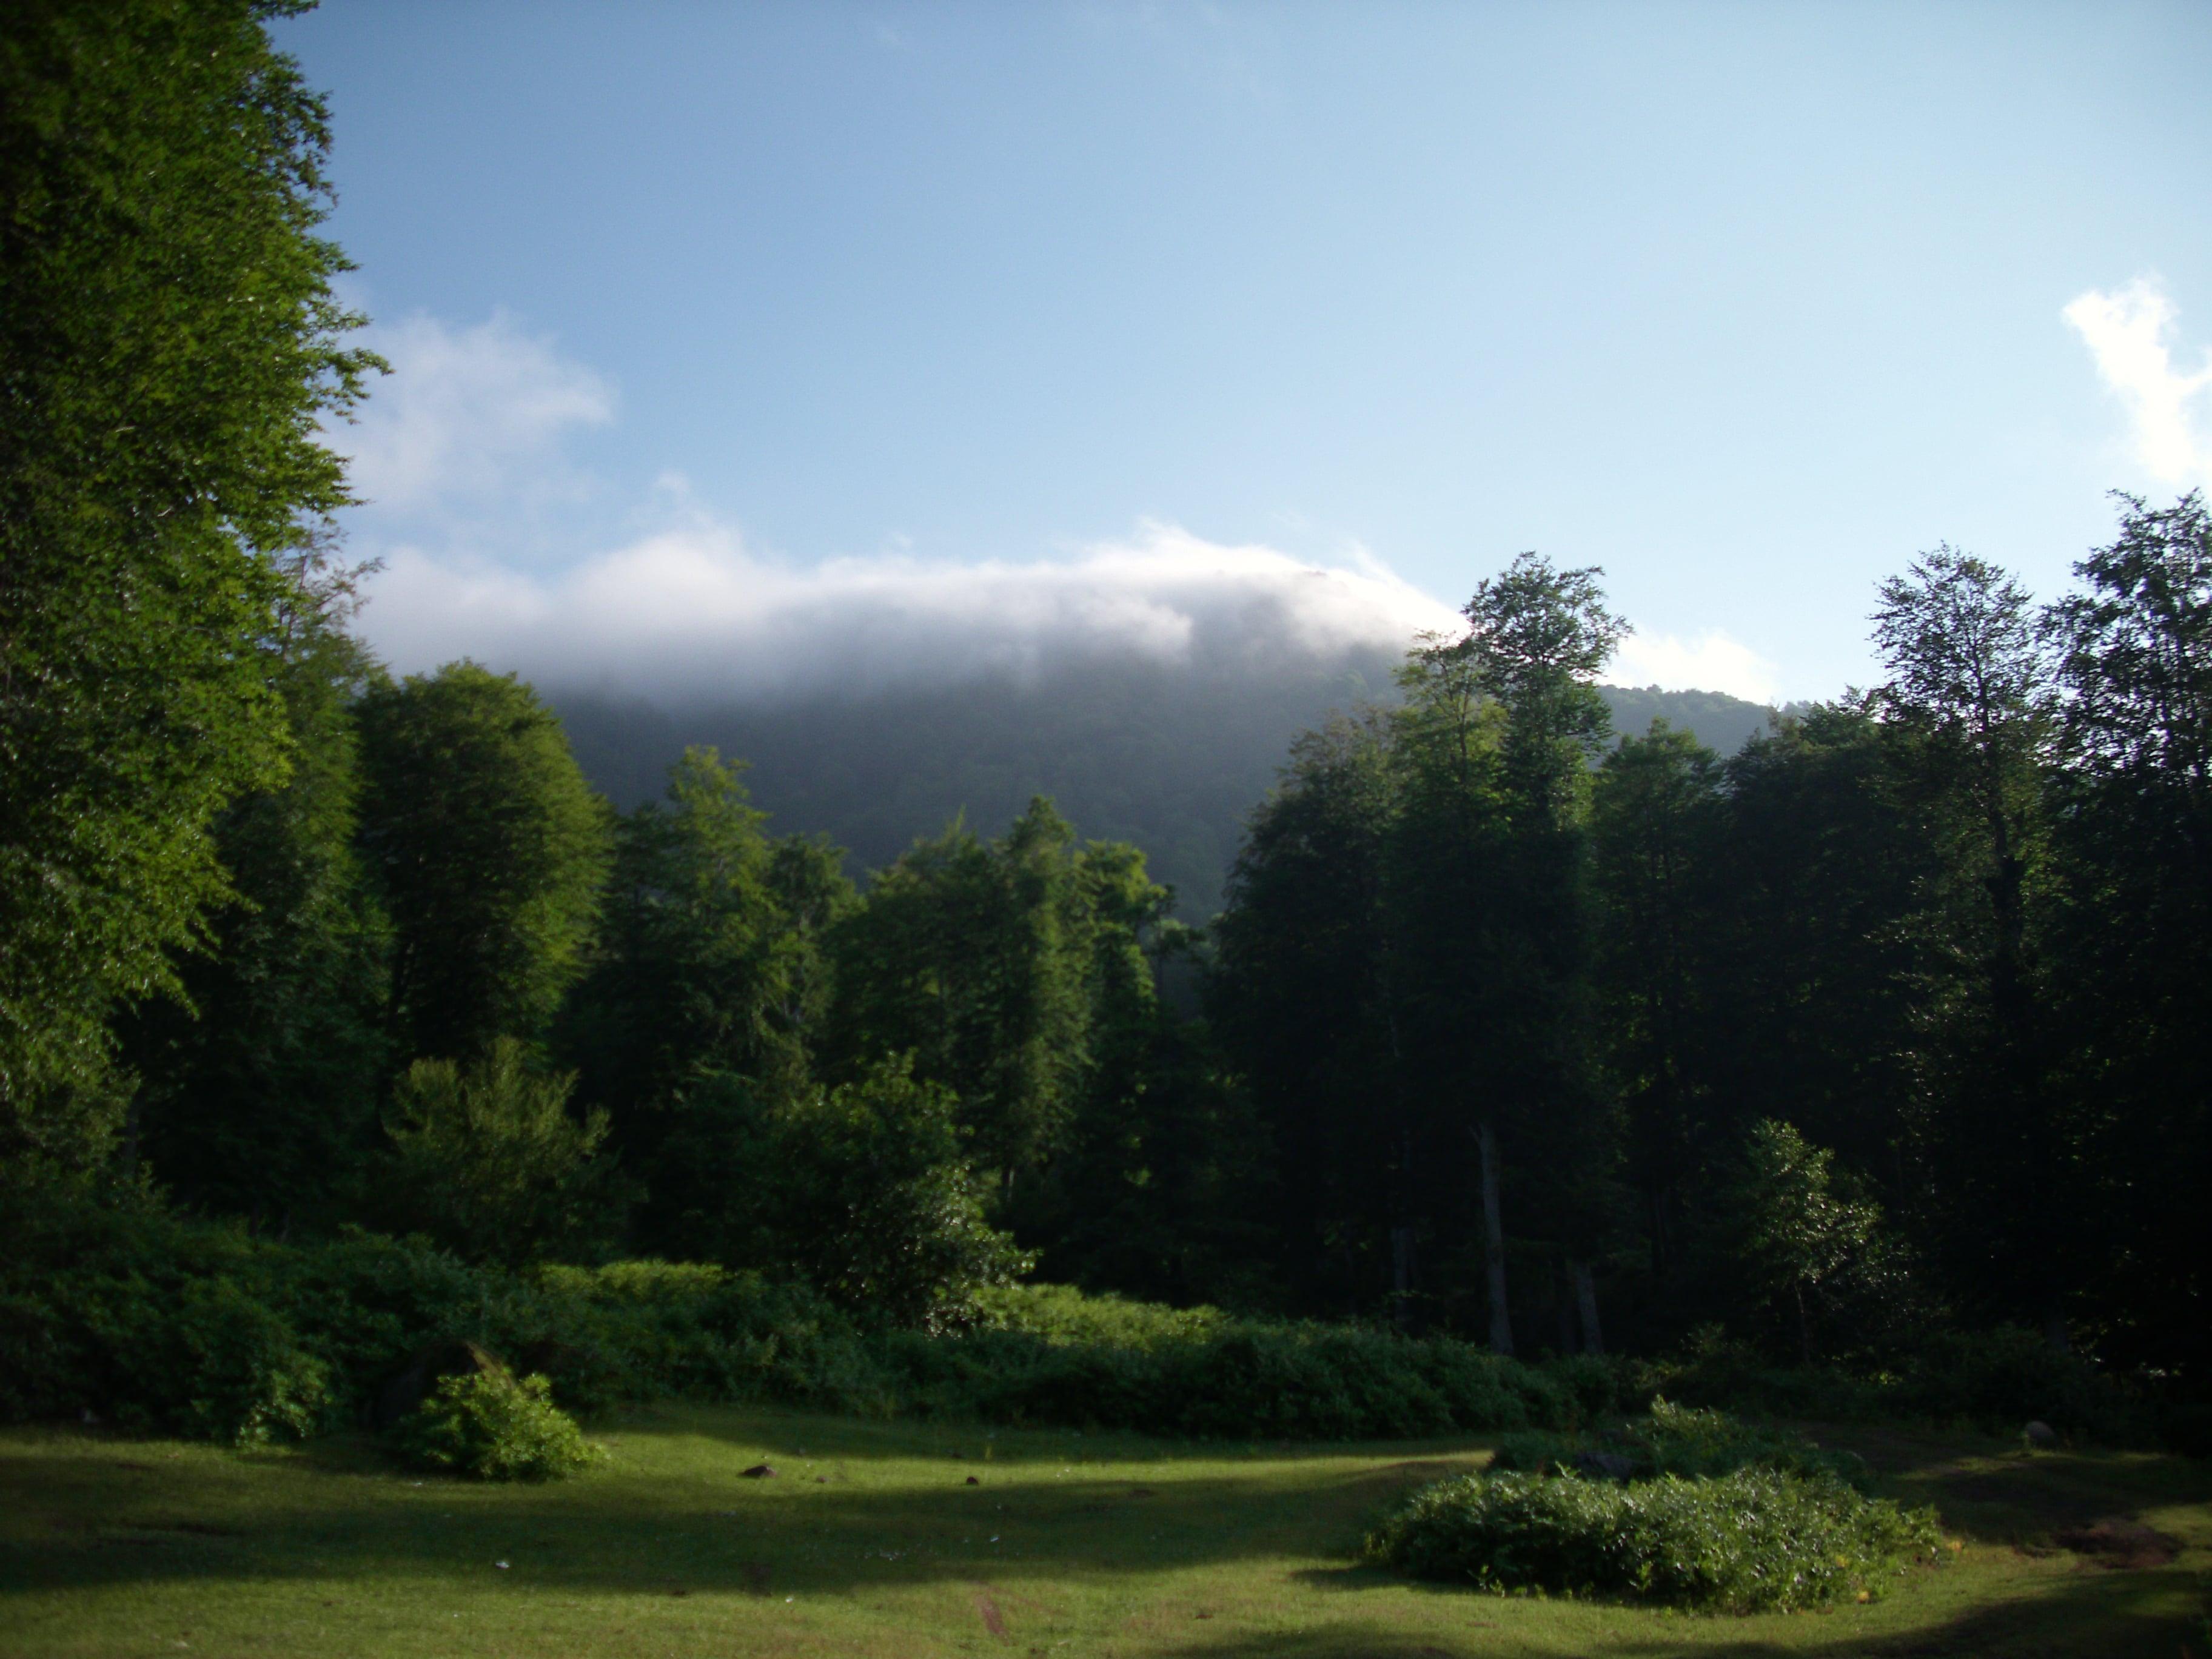 Nebiyan Yaylası ve Dağı 6 - Nebiyan Yaylası ve Dağı (6)